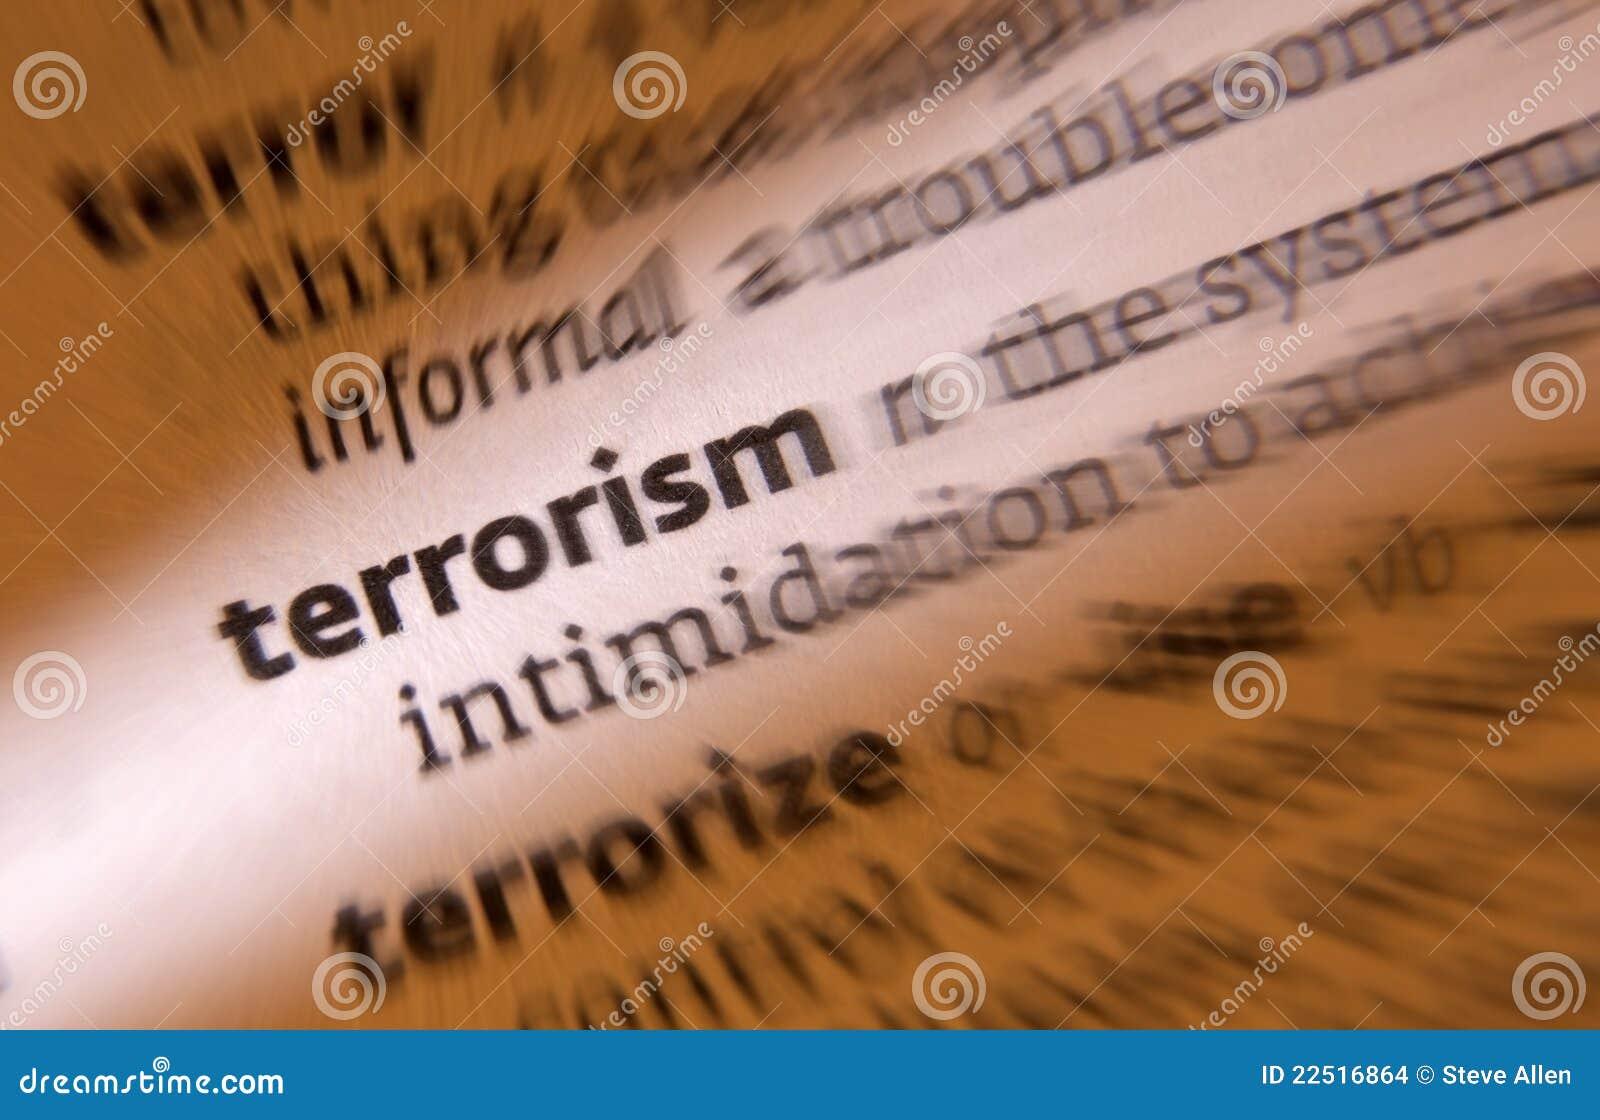 Terrorismus - Terrorist